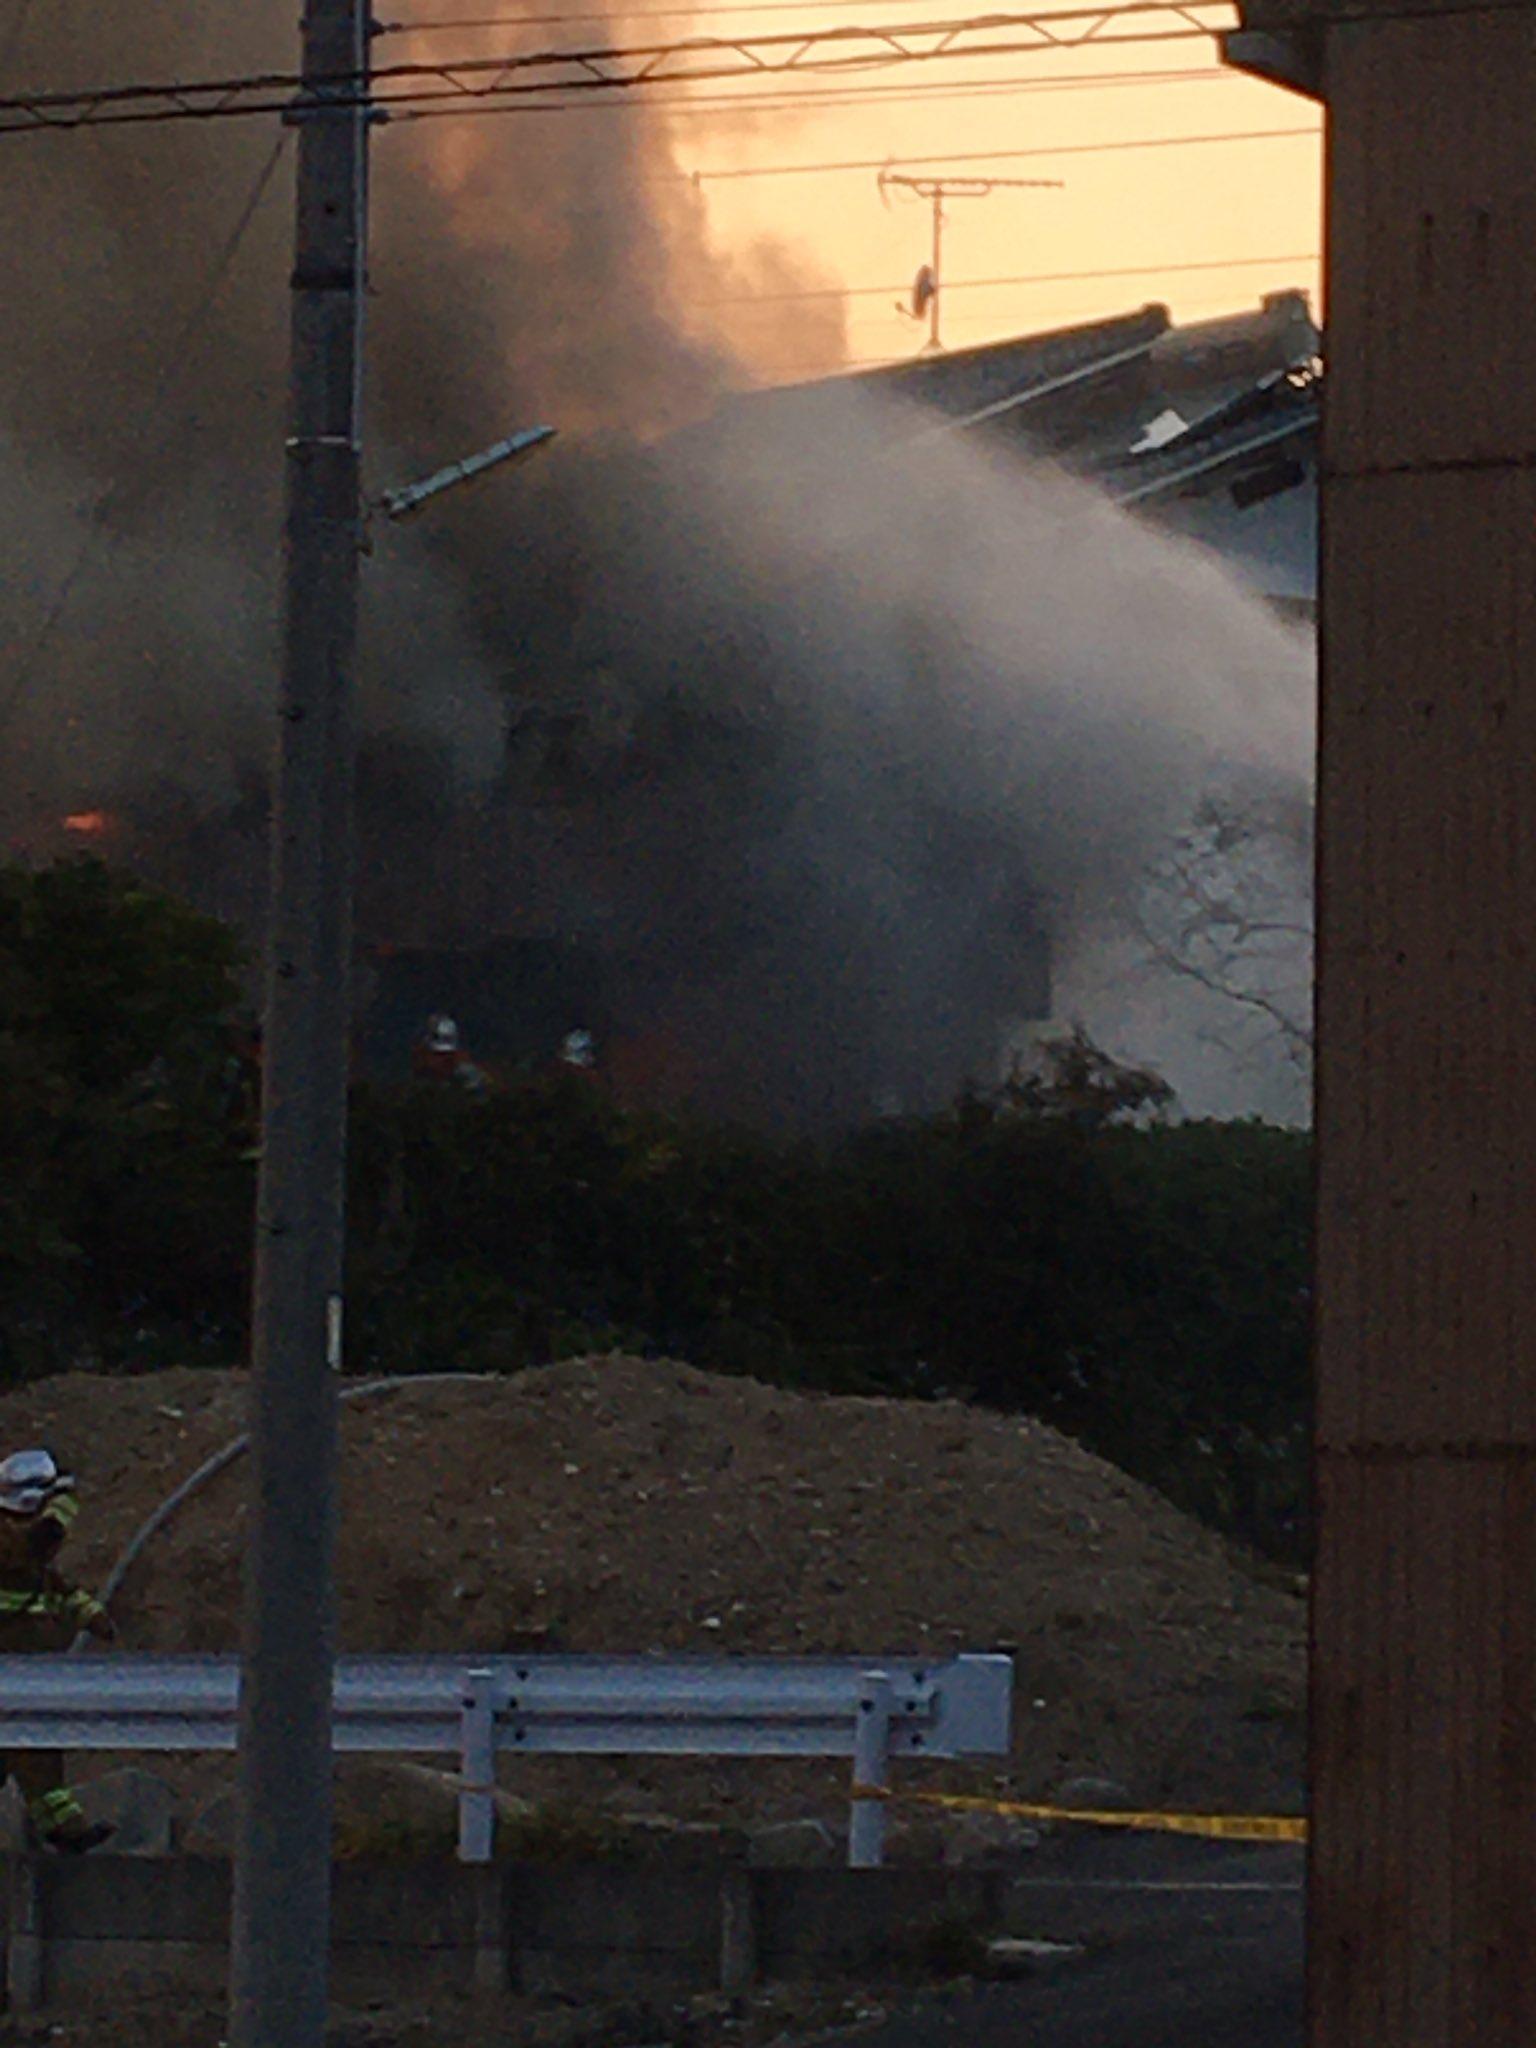 名古屋市緑区平手北2丁目の住宅で火災が起きている画像